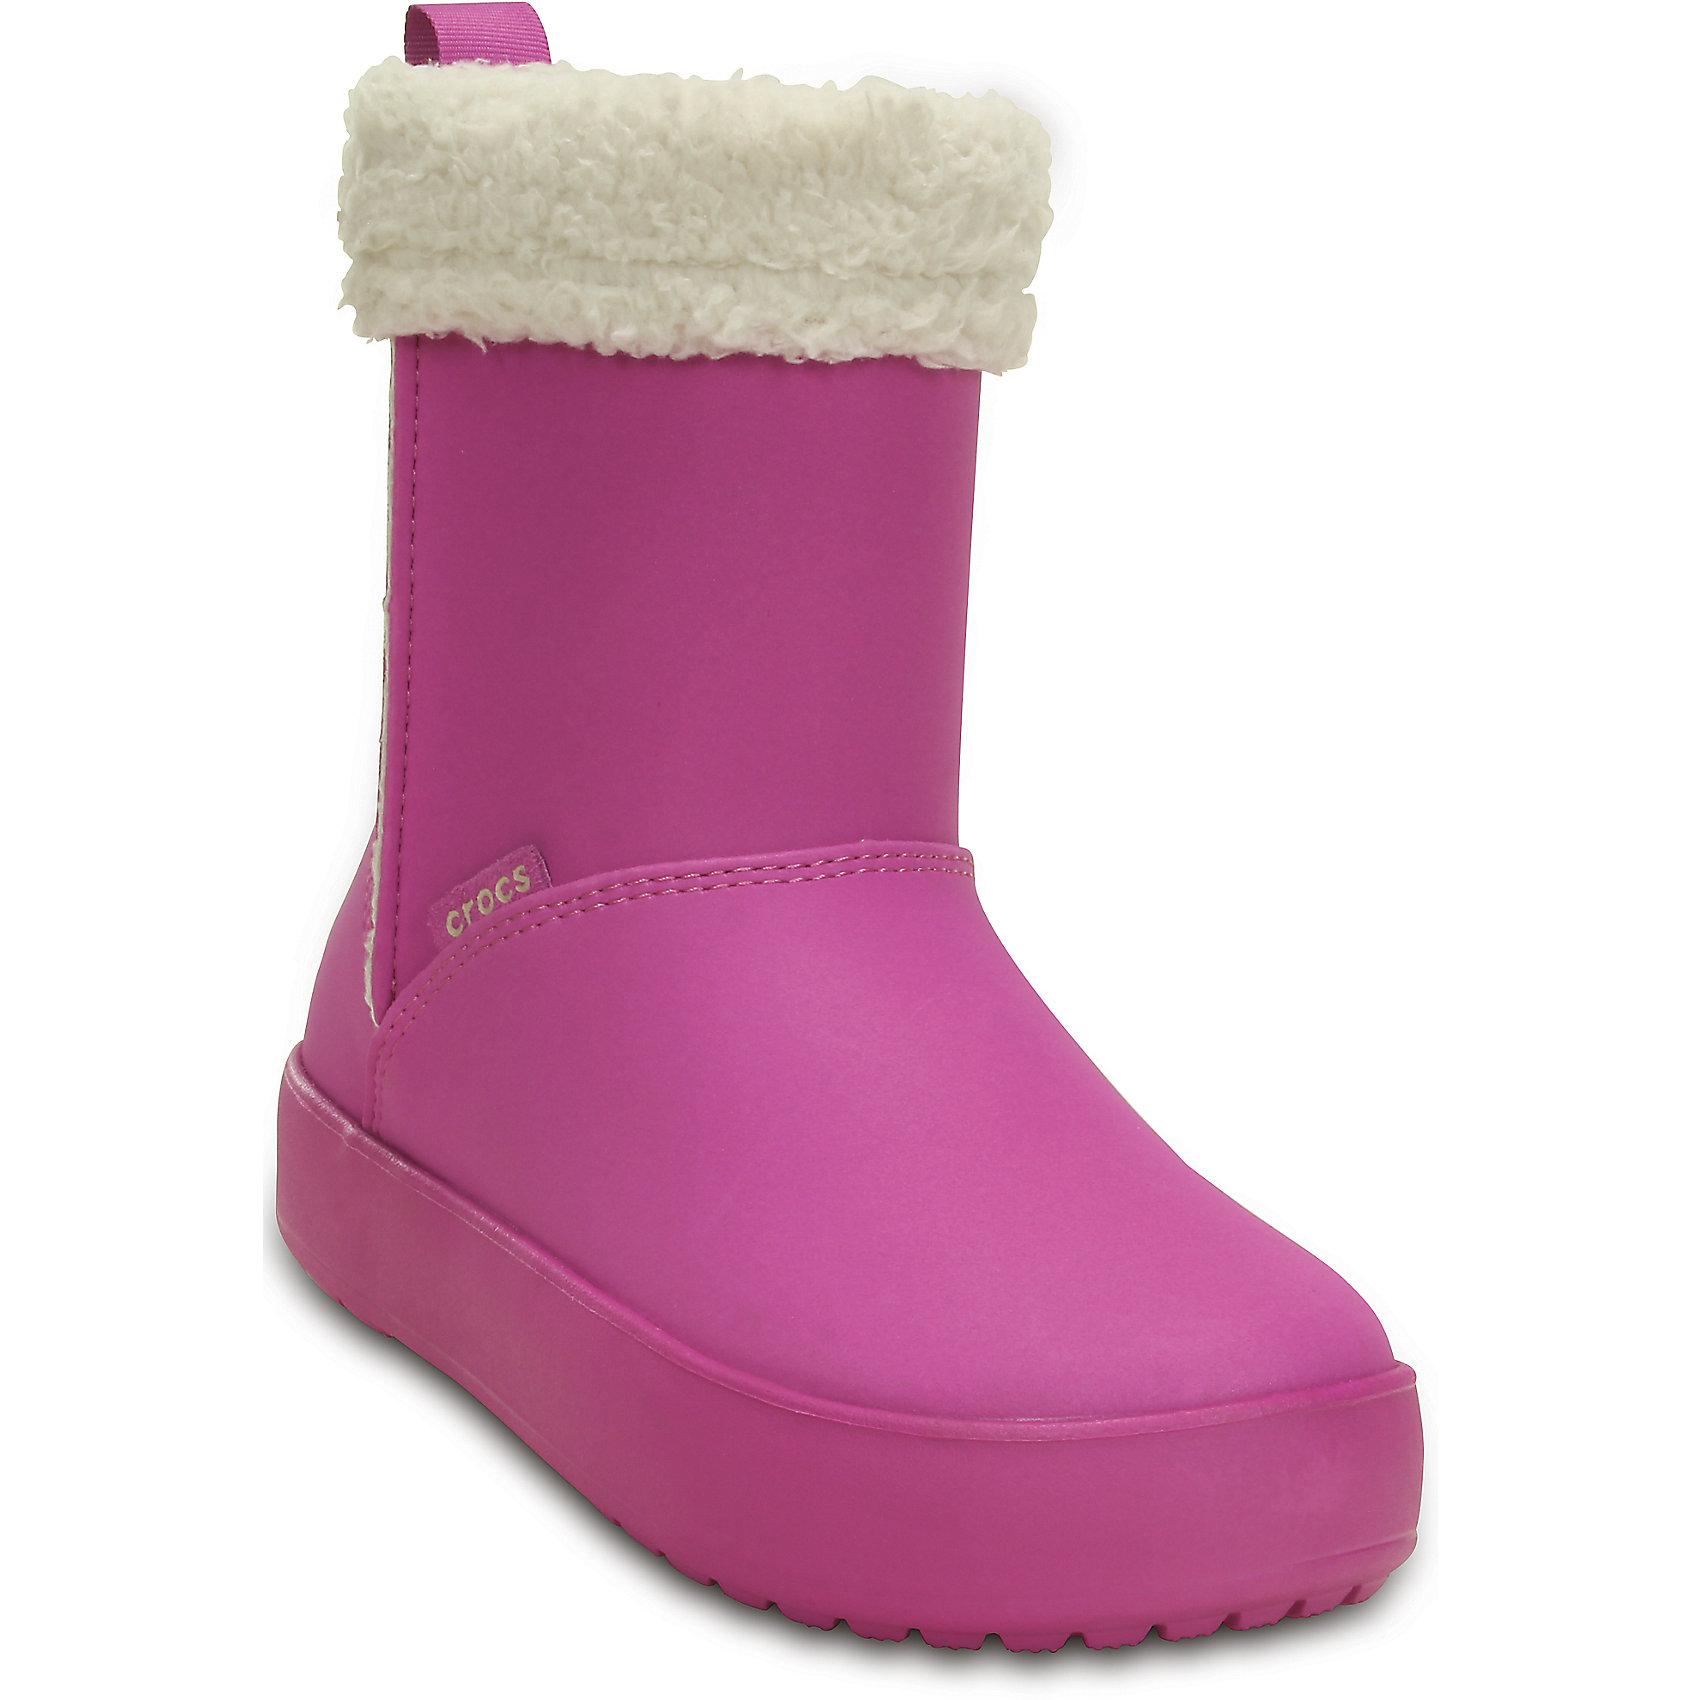 Сапожки для девочки Crocs